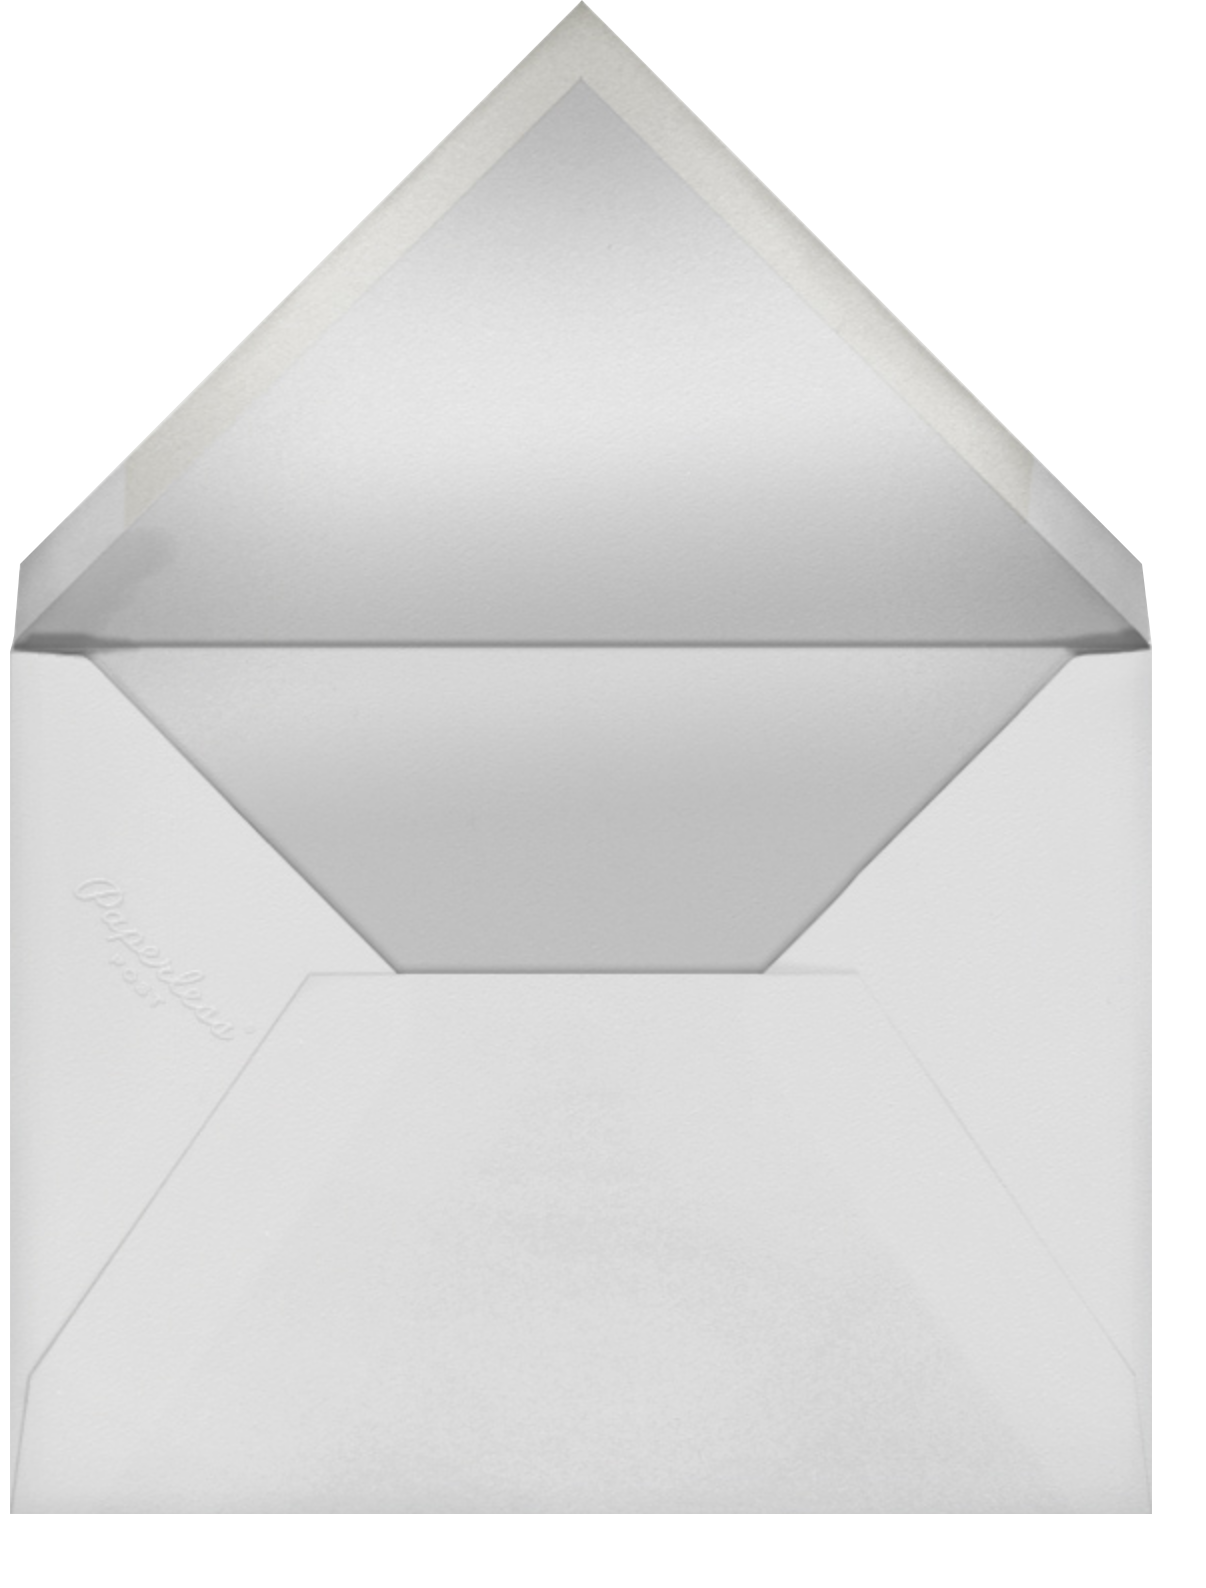 Bling Bling - Paperless Post - Bachelorette party - envelope back